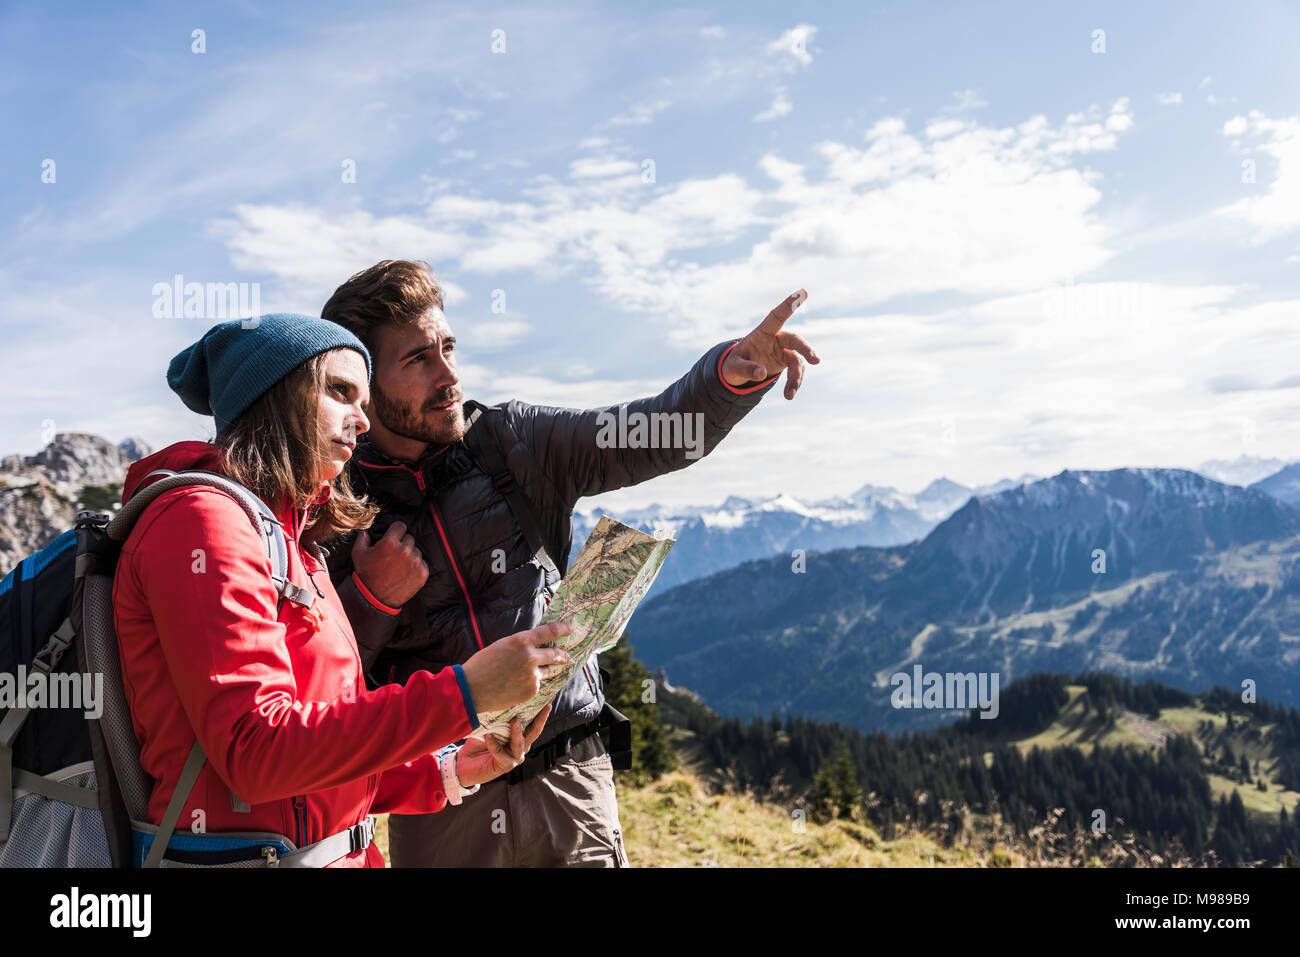 Österreich, Tirol, junges Paar mit Karte in der Bergwelt rund um suchen Stockbild